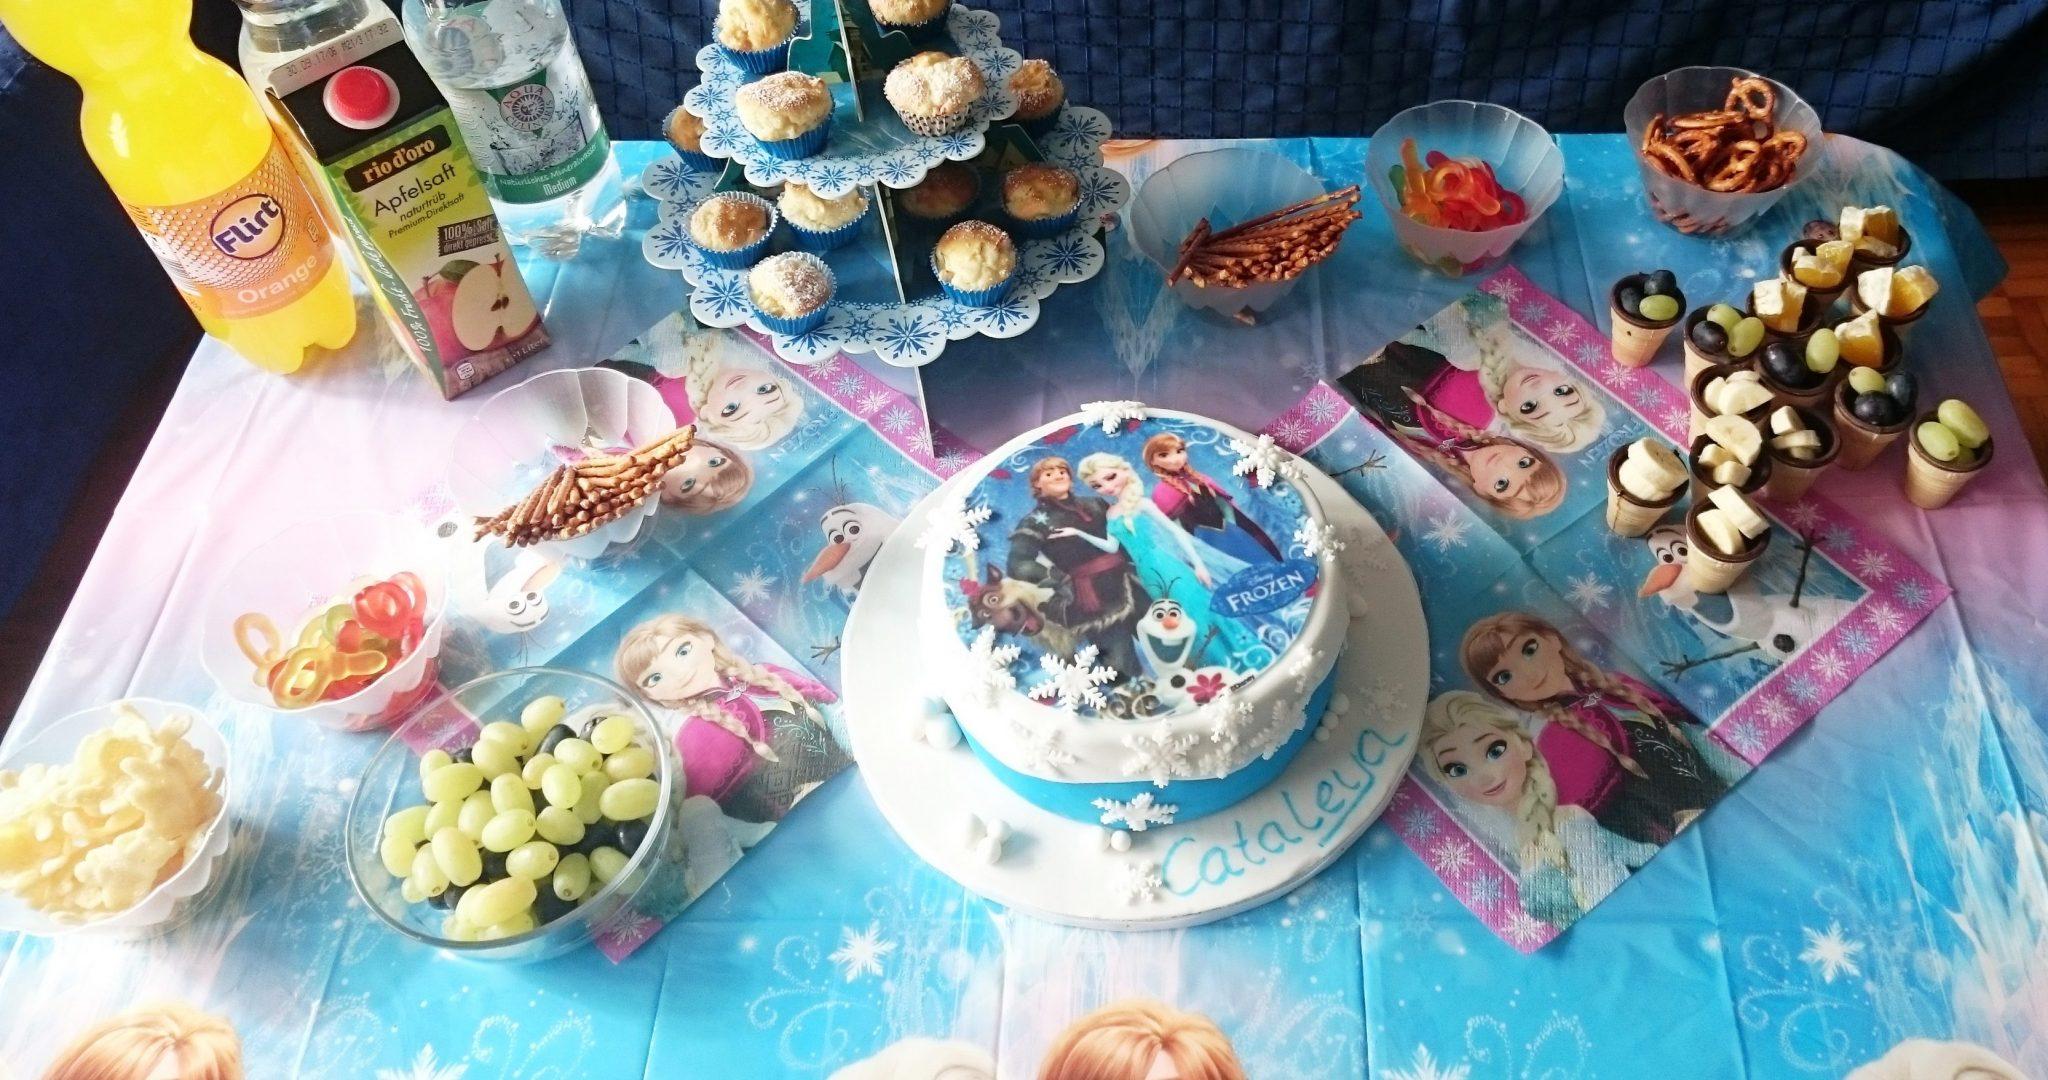 frozen motivtorte, eiskönigin torte, elsa torte, tortendeko eiskönigin, torte eiskönigin, eiskönigin torte selber machen, elsa torte rezept, puppen torte anleitung, eisköniginnen kuchen, fondant barbie torte, die eiskönigin torte rezept, barbie torte mit fondant anleitung, frozen torte, barbie kuchen selber machen